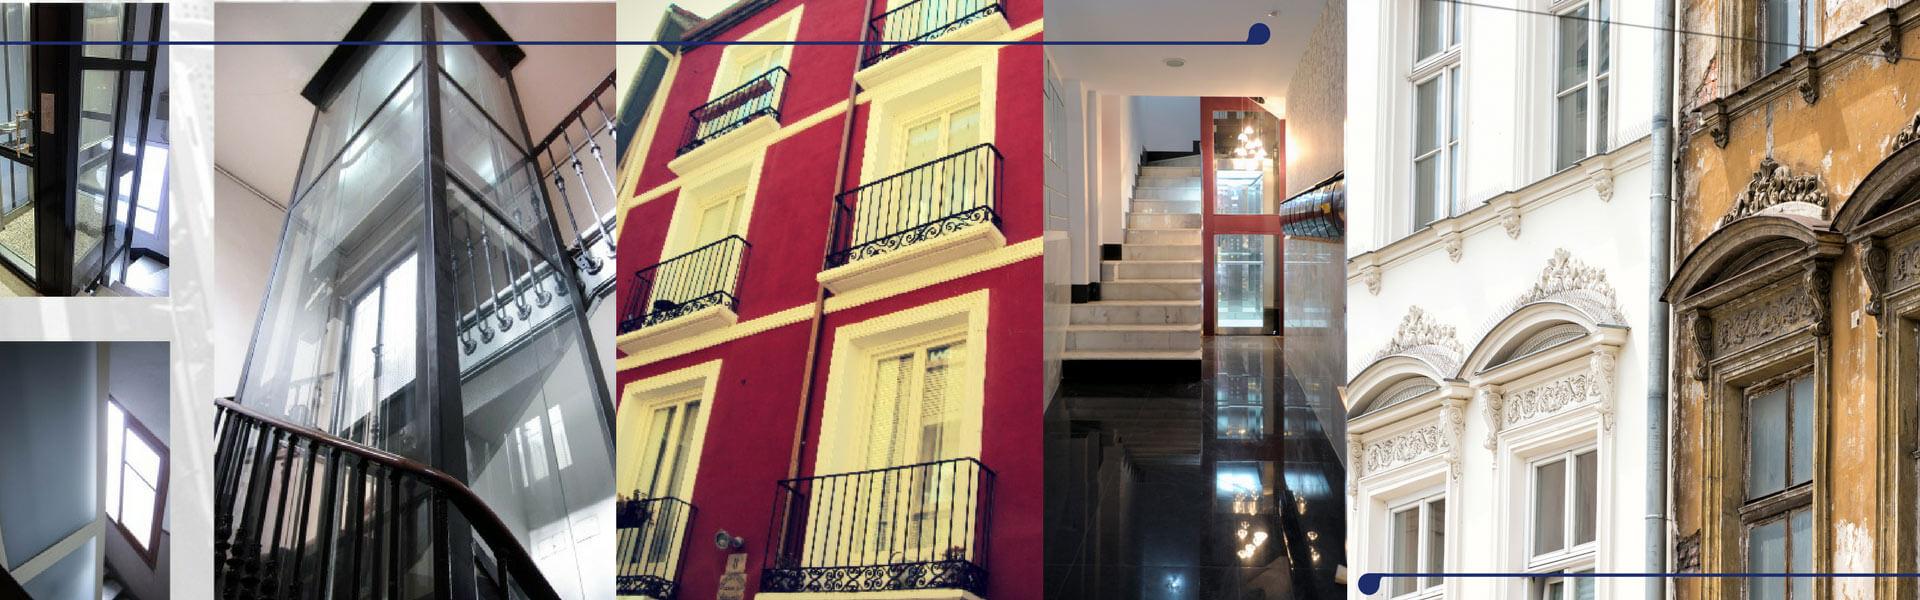 Instalación de ascensores y rehabilitación de edificios